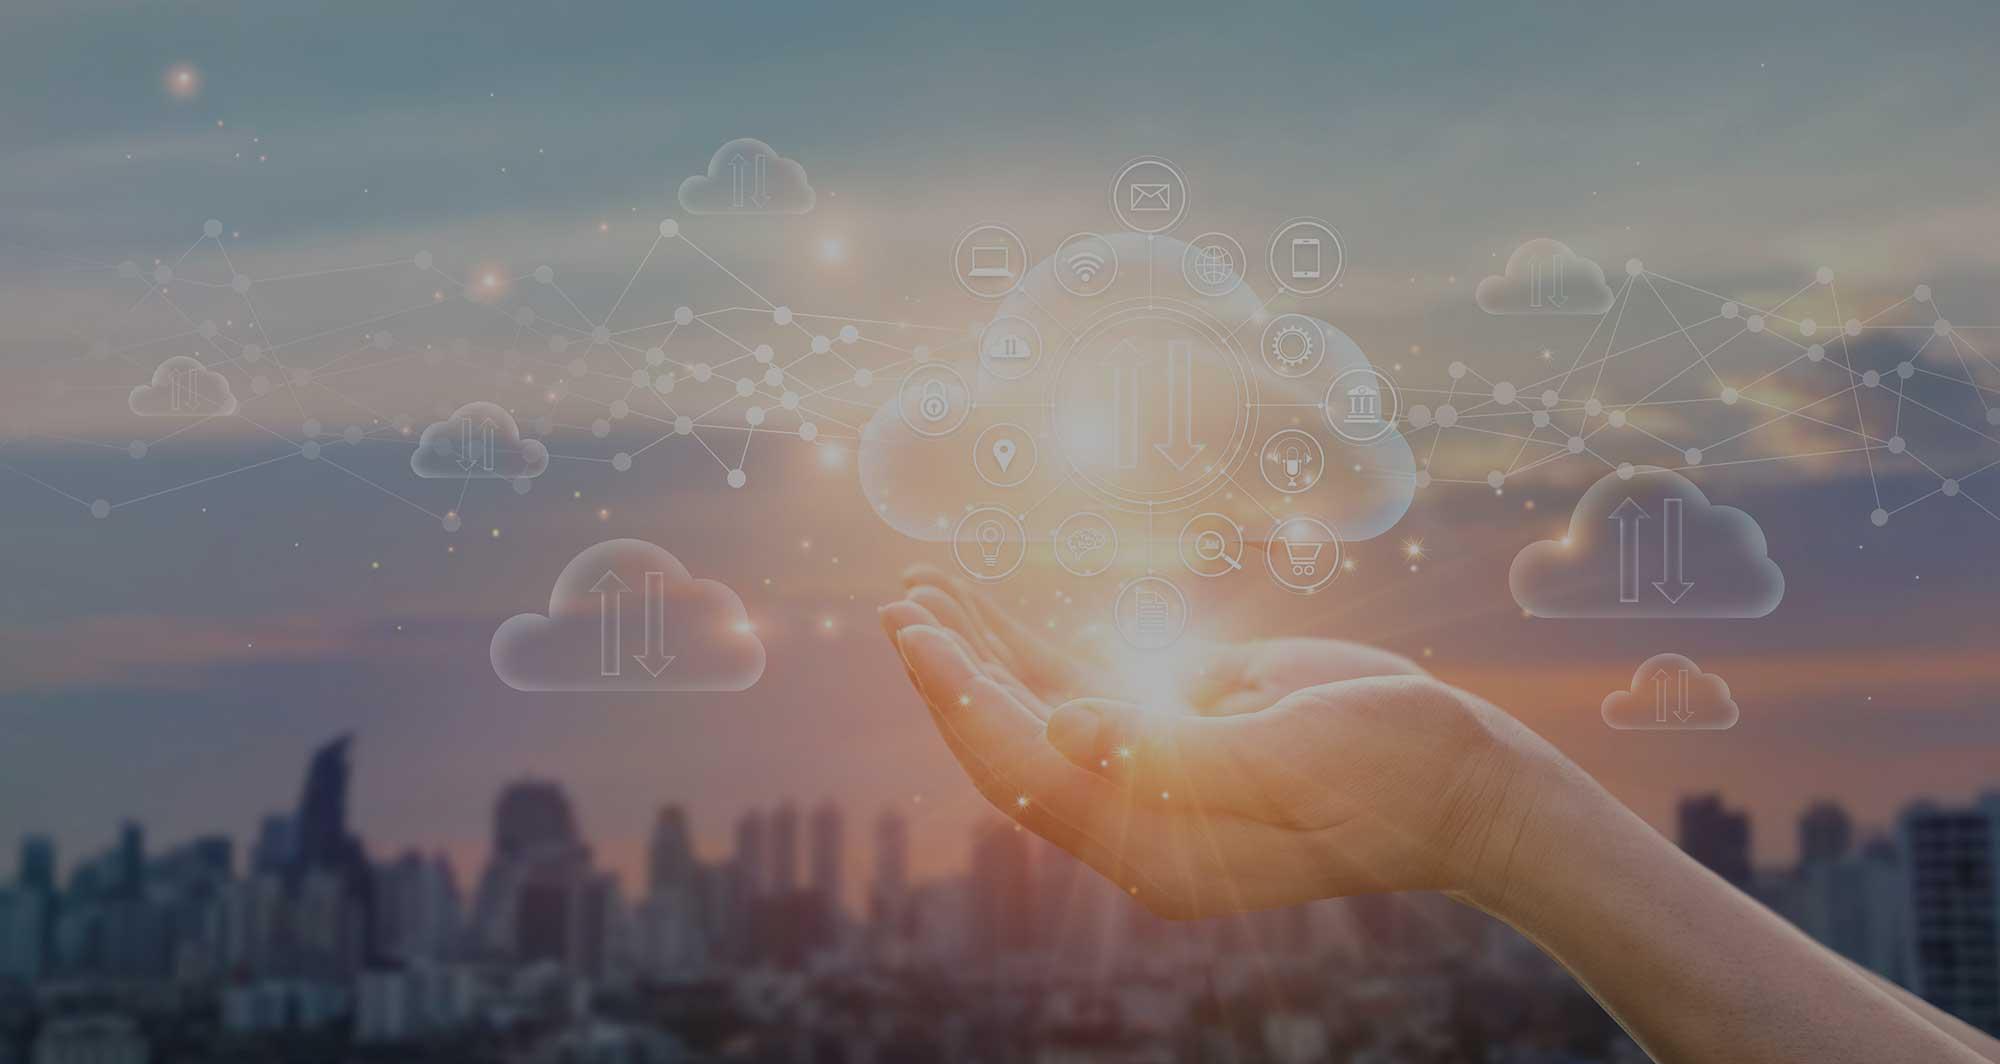 cloud identity management